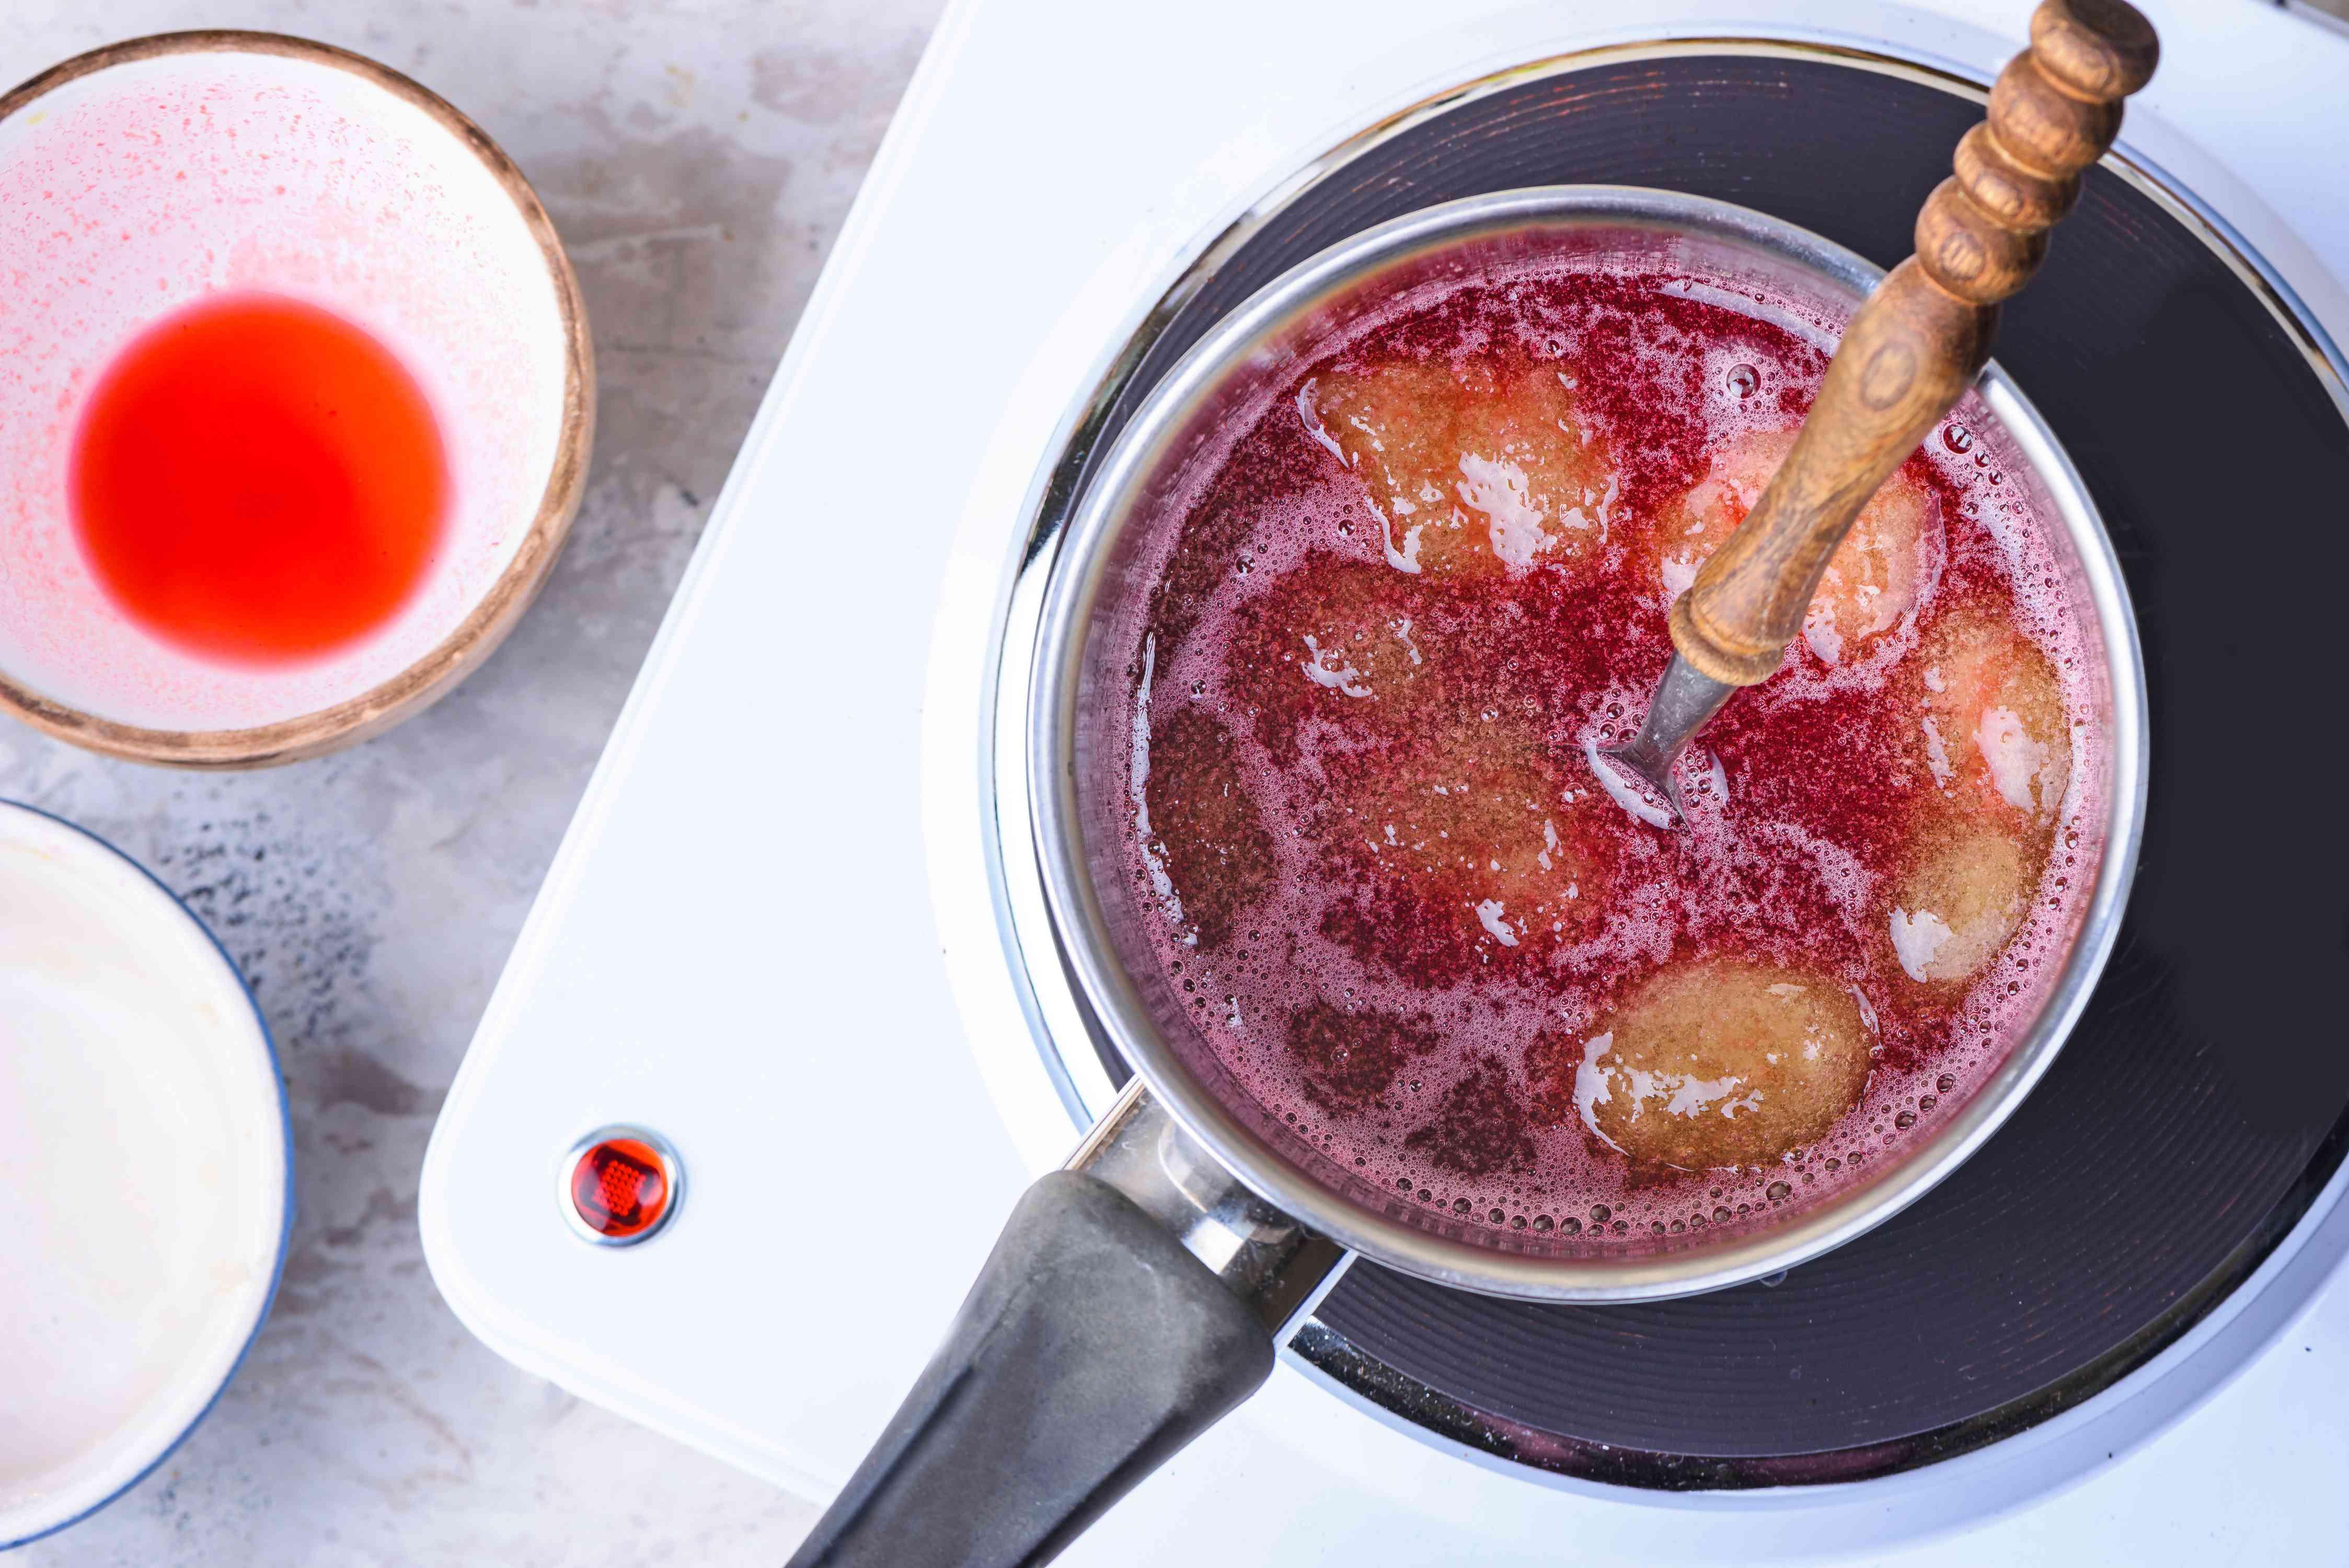 Stir in gelatin